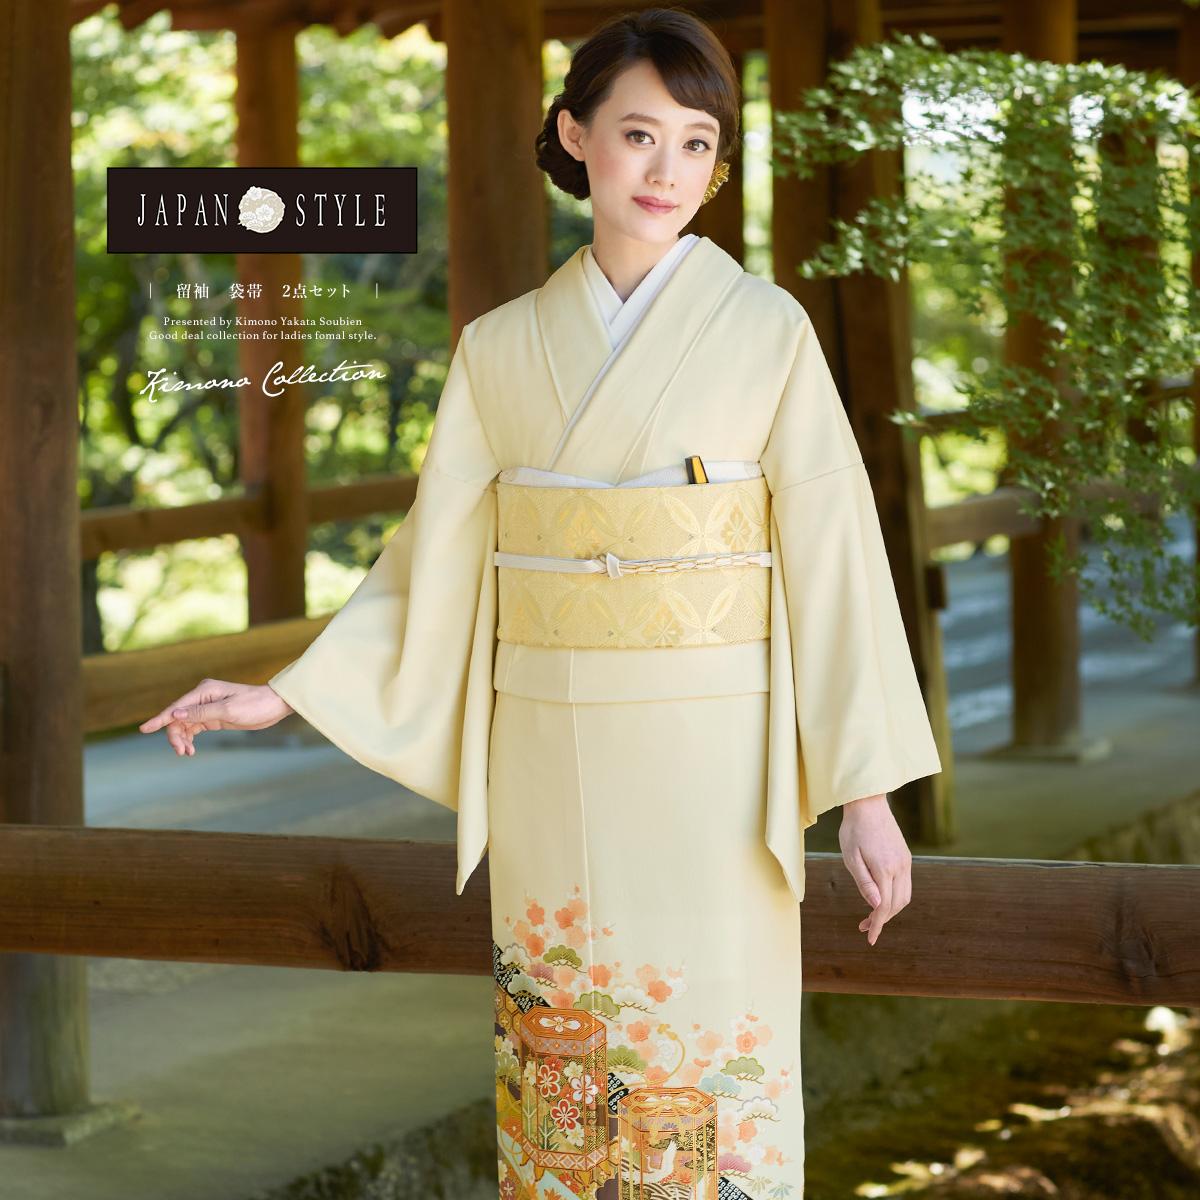 人気ブランドジャパンスタイルの色留袖セット